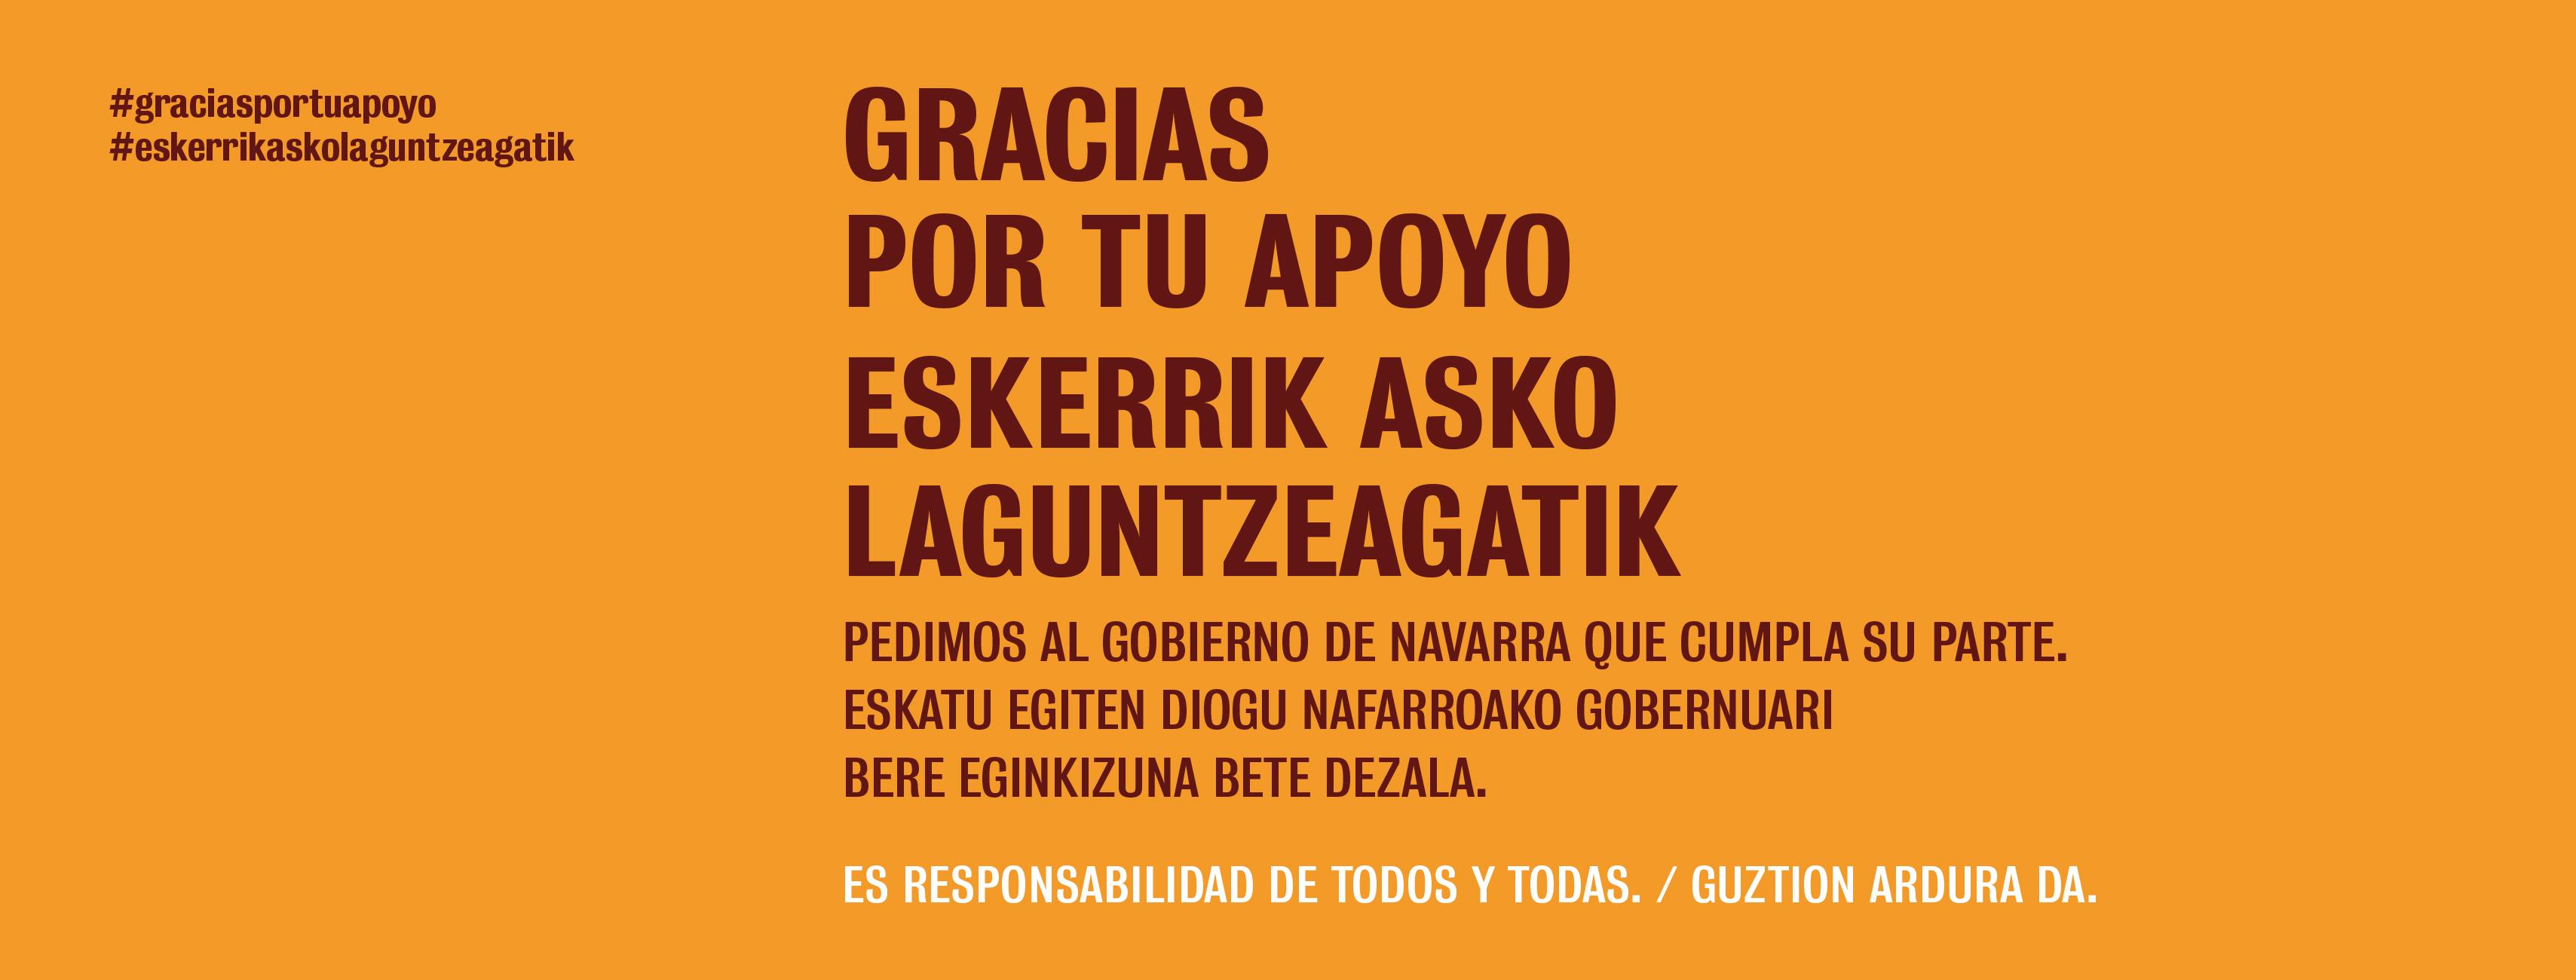 Facebook-Cabecera-820-x-312